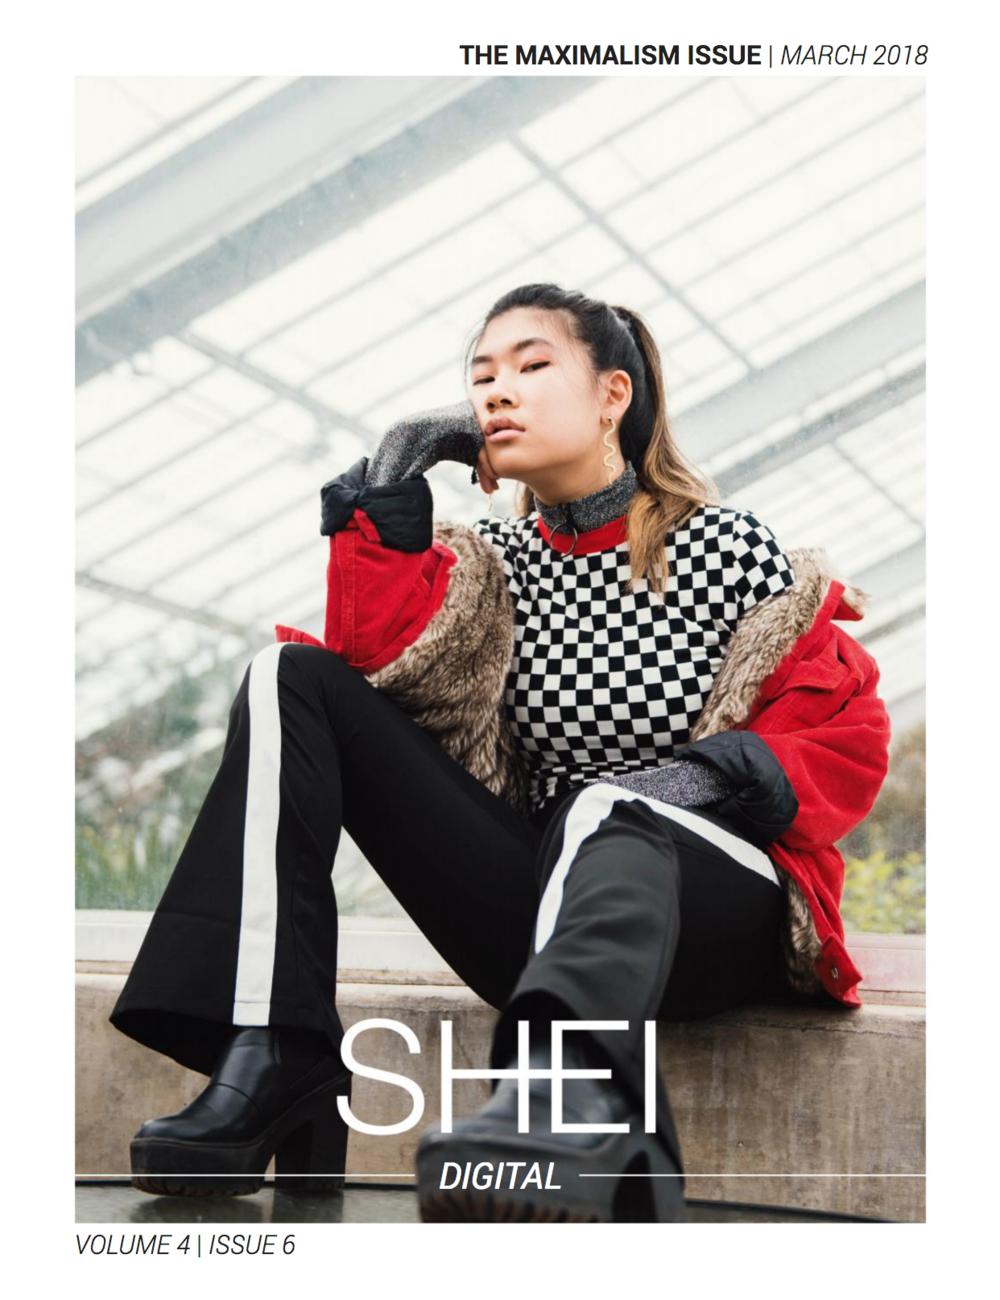 SHEI Digital // Vol. 4 Iss. 6